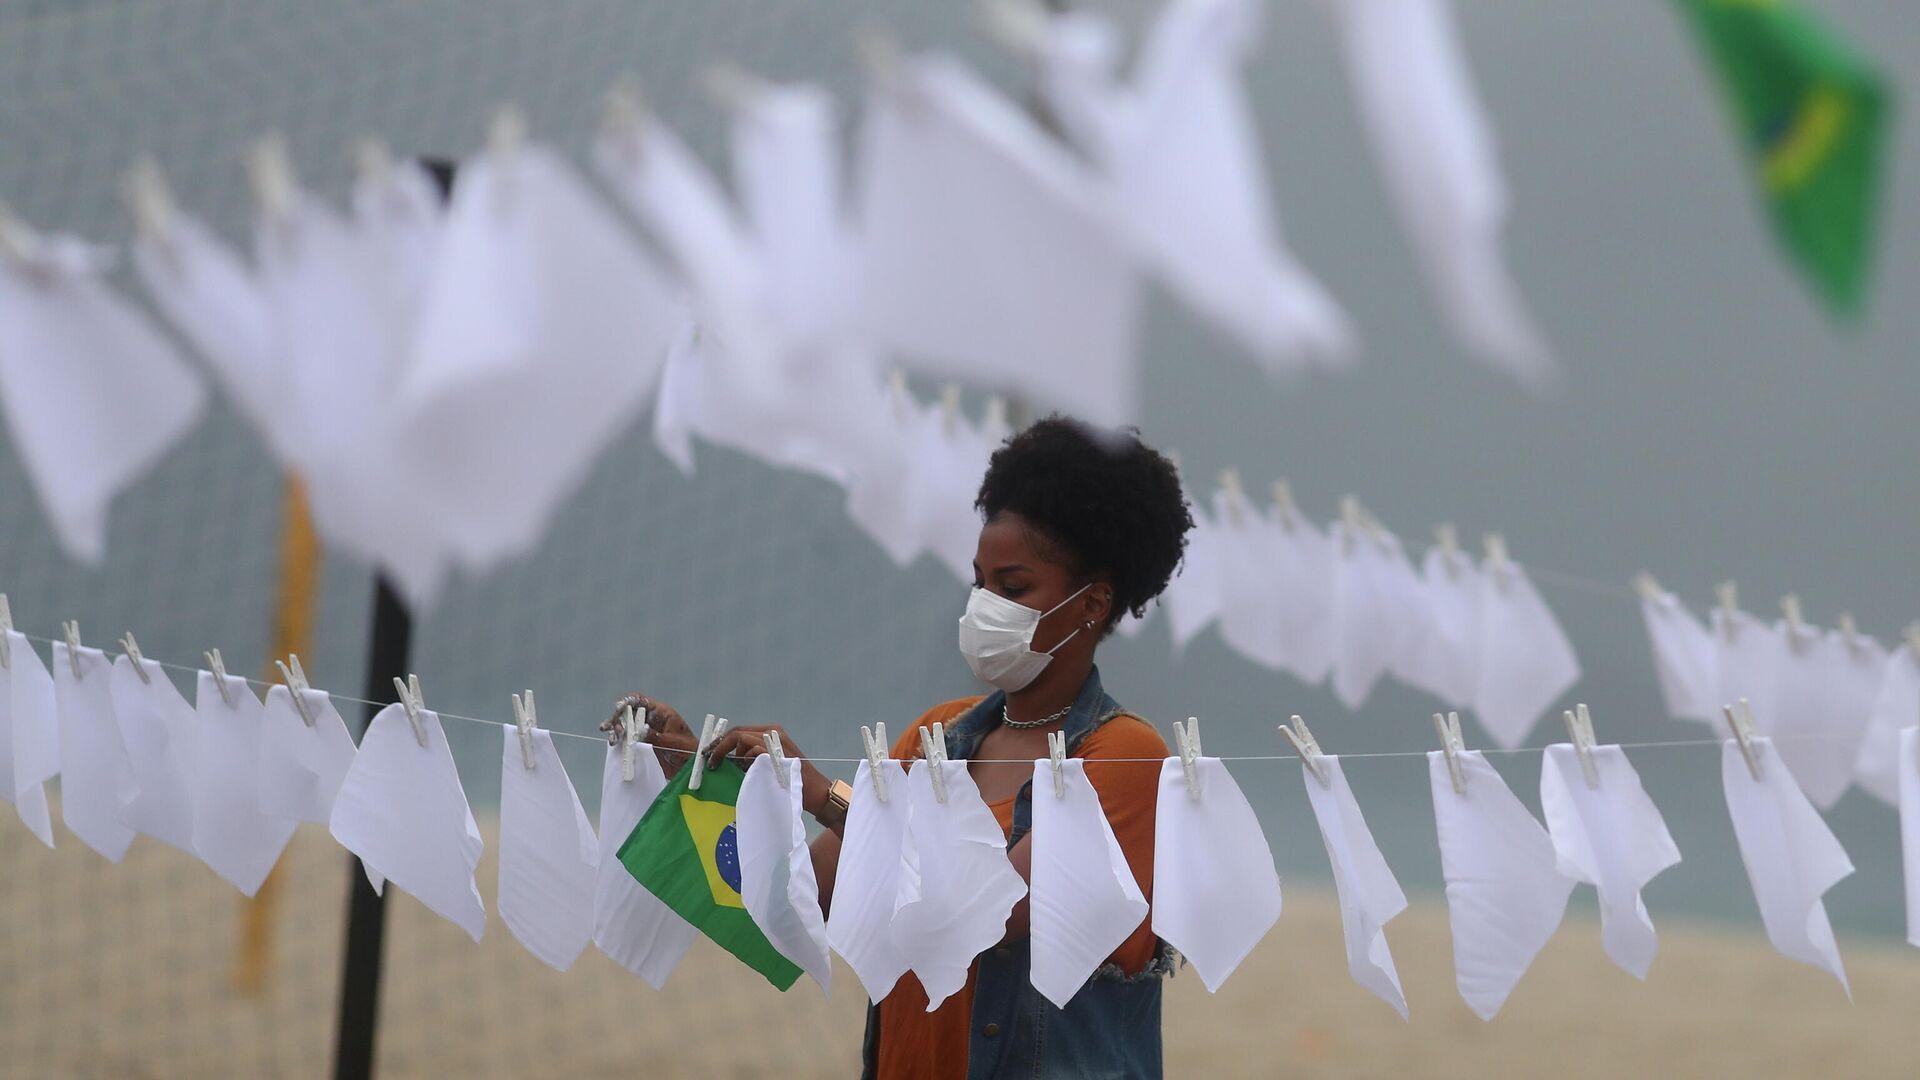 Una protesta en la playa de Copacabana de Río recuerda a las víctimas del COVID-19 - Sputnik Mundo, 1920, 08.10.2021